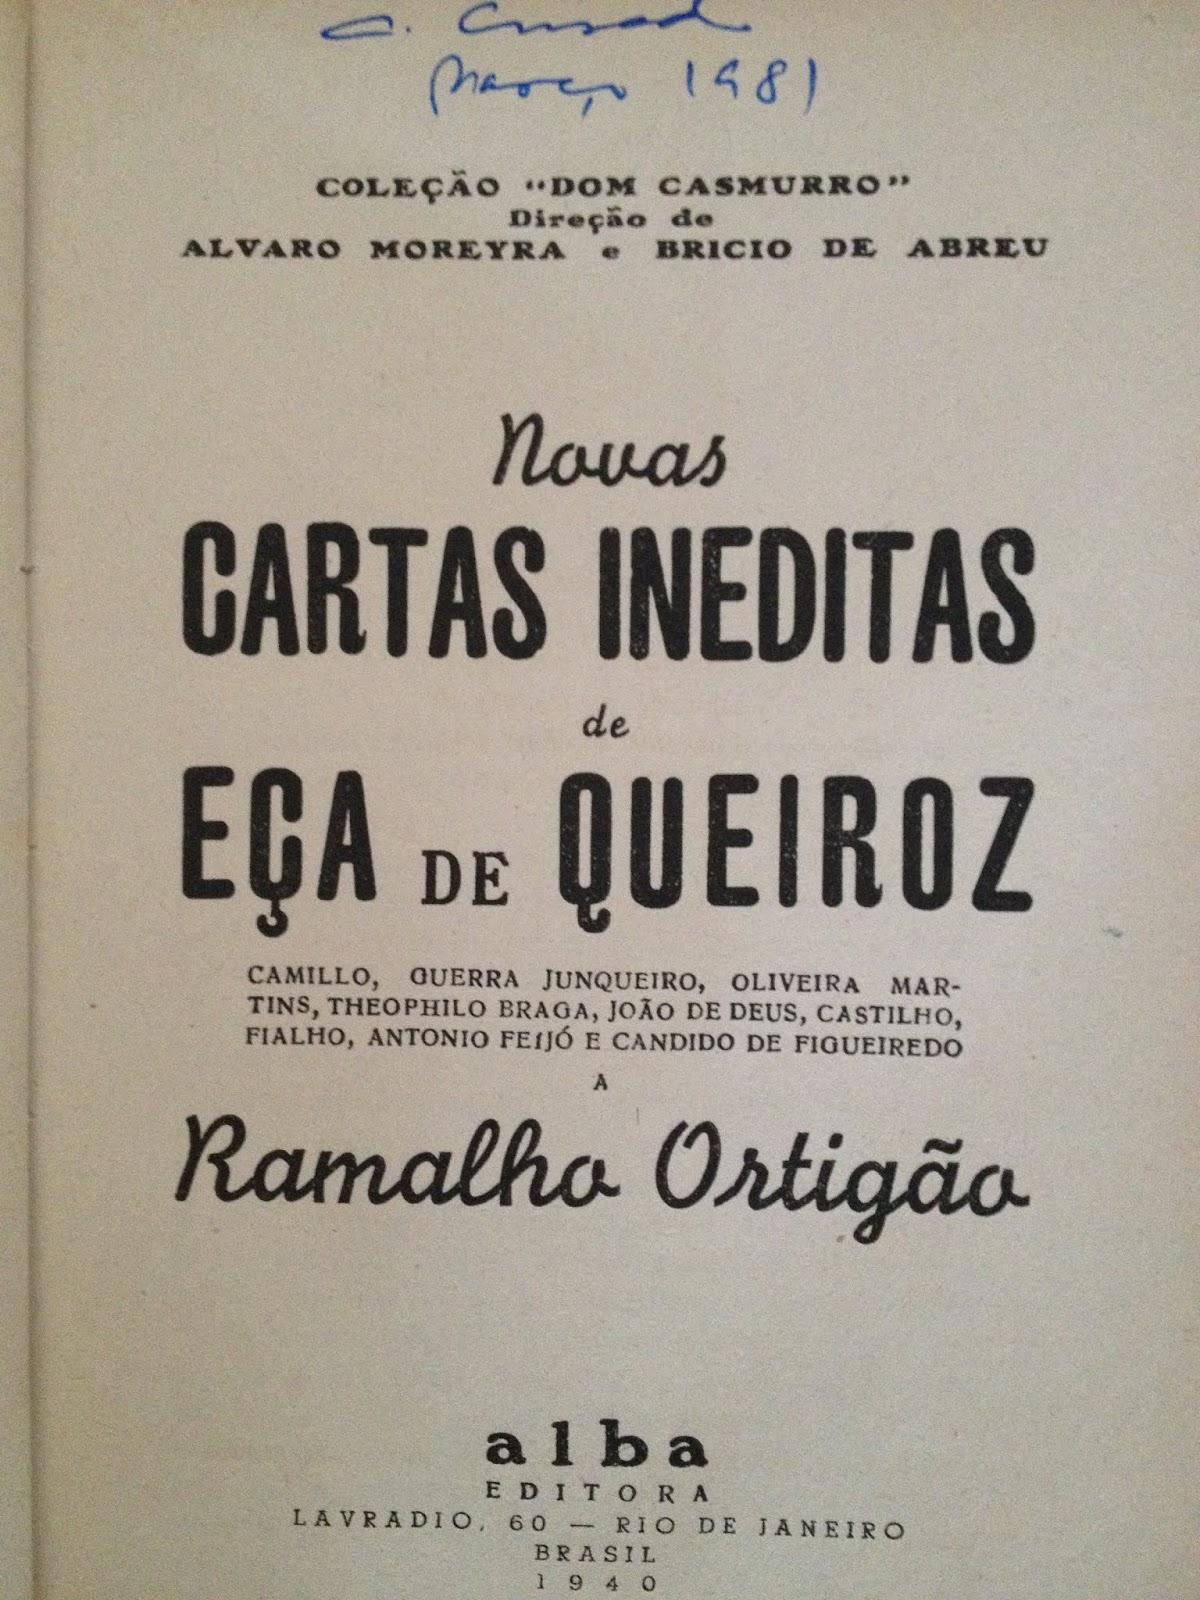 a32033e63 Novas cartas inéditas de Eça de Queiroz, Camilo, Guerra Junqueiro, Oliveira  Martins, Teófilo Braga, João de Deus, Castilho, Fialho, António Feijó e  Cândido ...